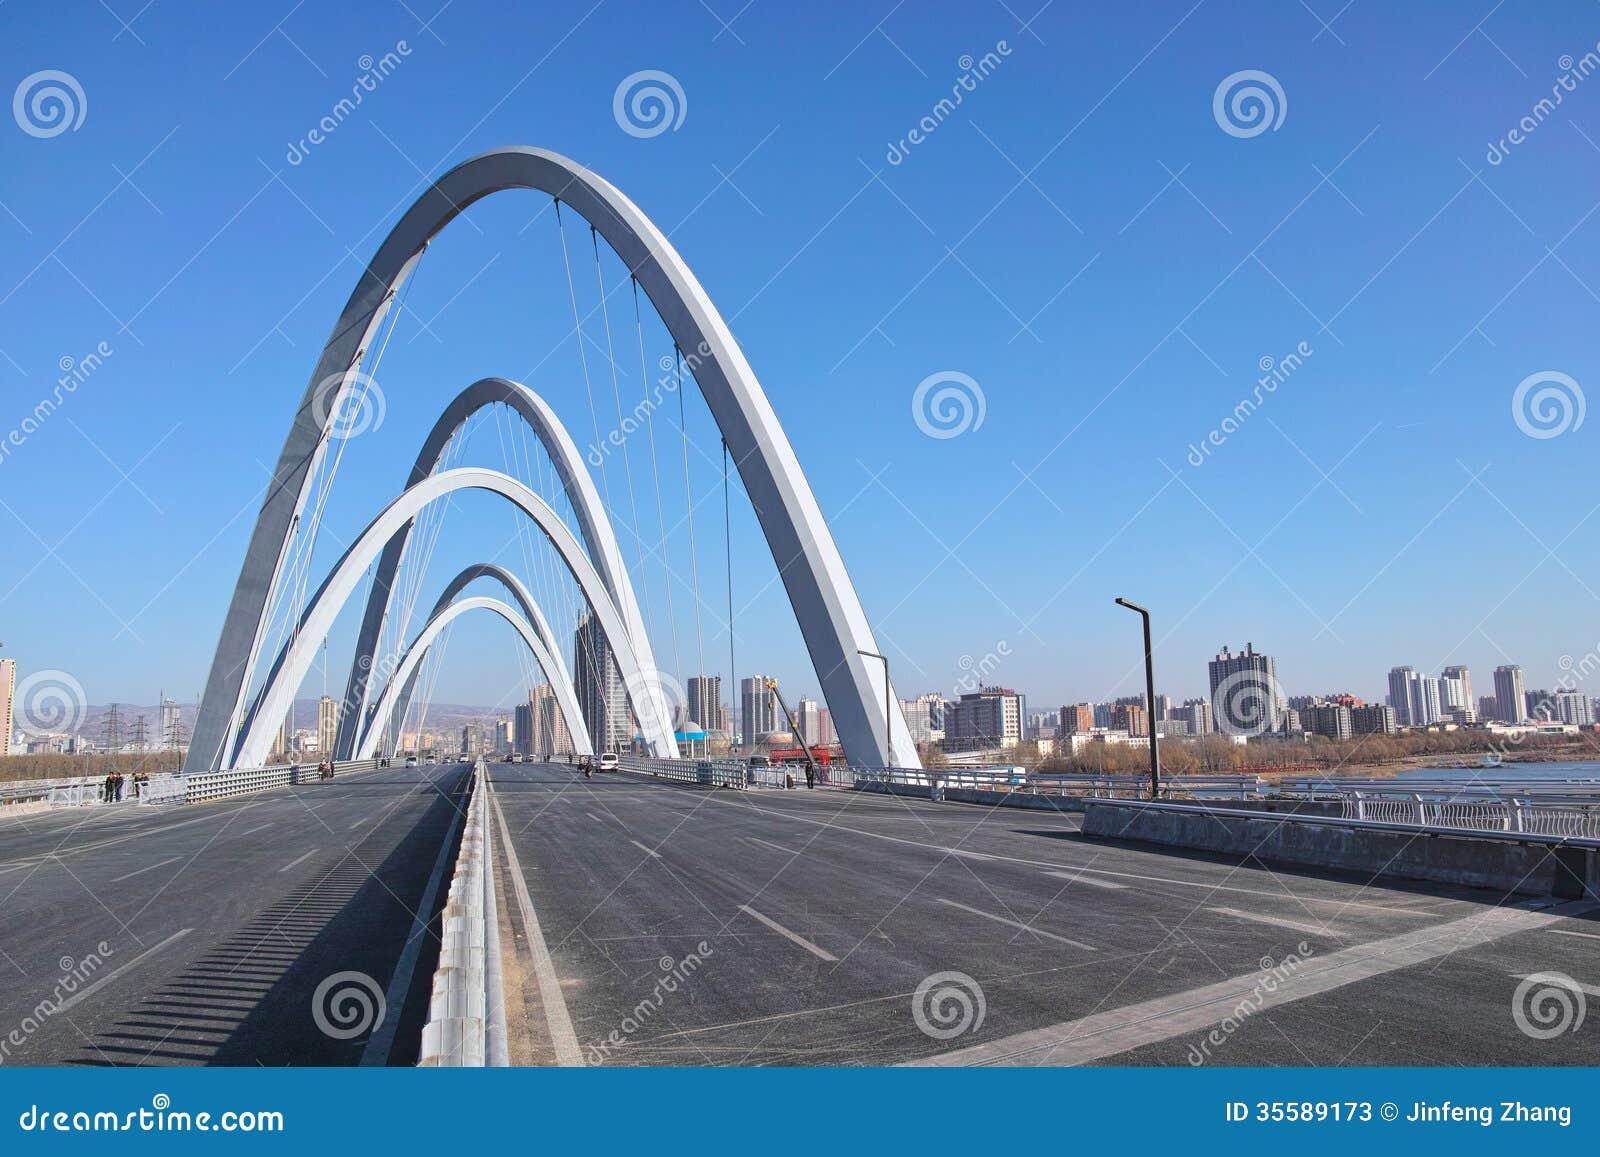 Modern bridge editorial stock photo image of building for Moderne landschaftsbilder